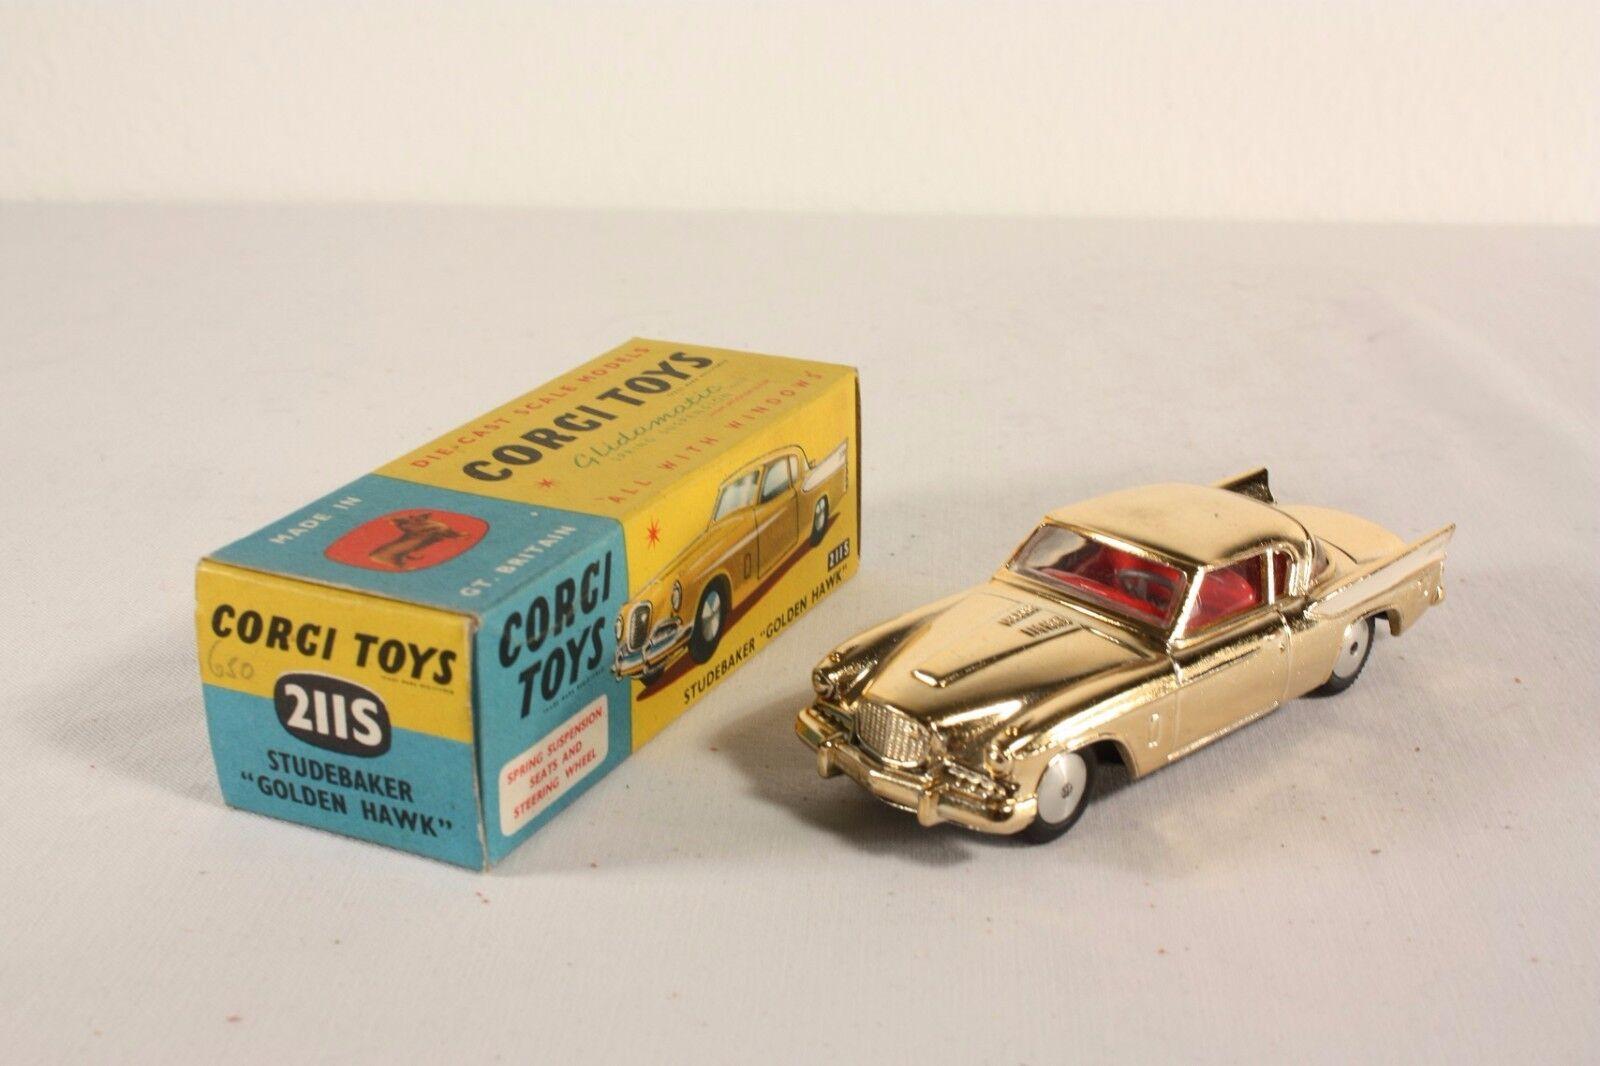 Corgi toys 211 S, Studebaker Golden Hawk, Mint en box,  ab1726